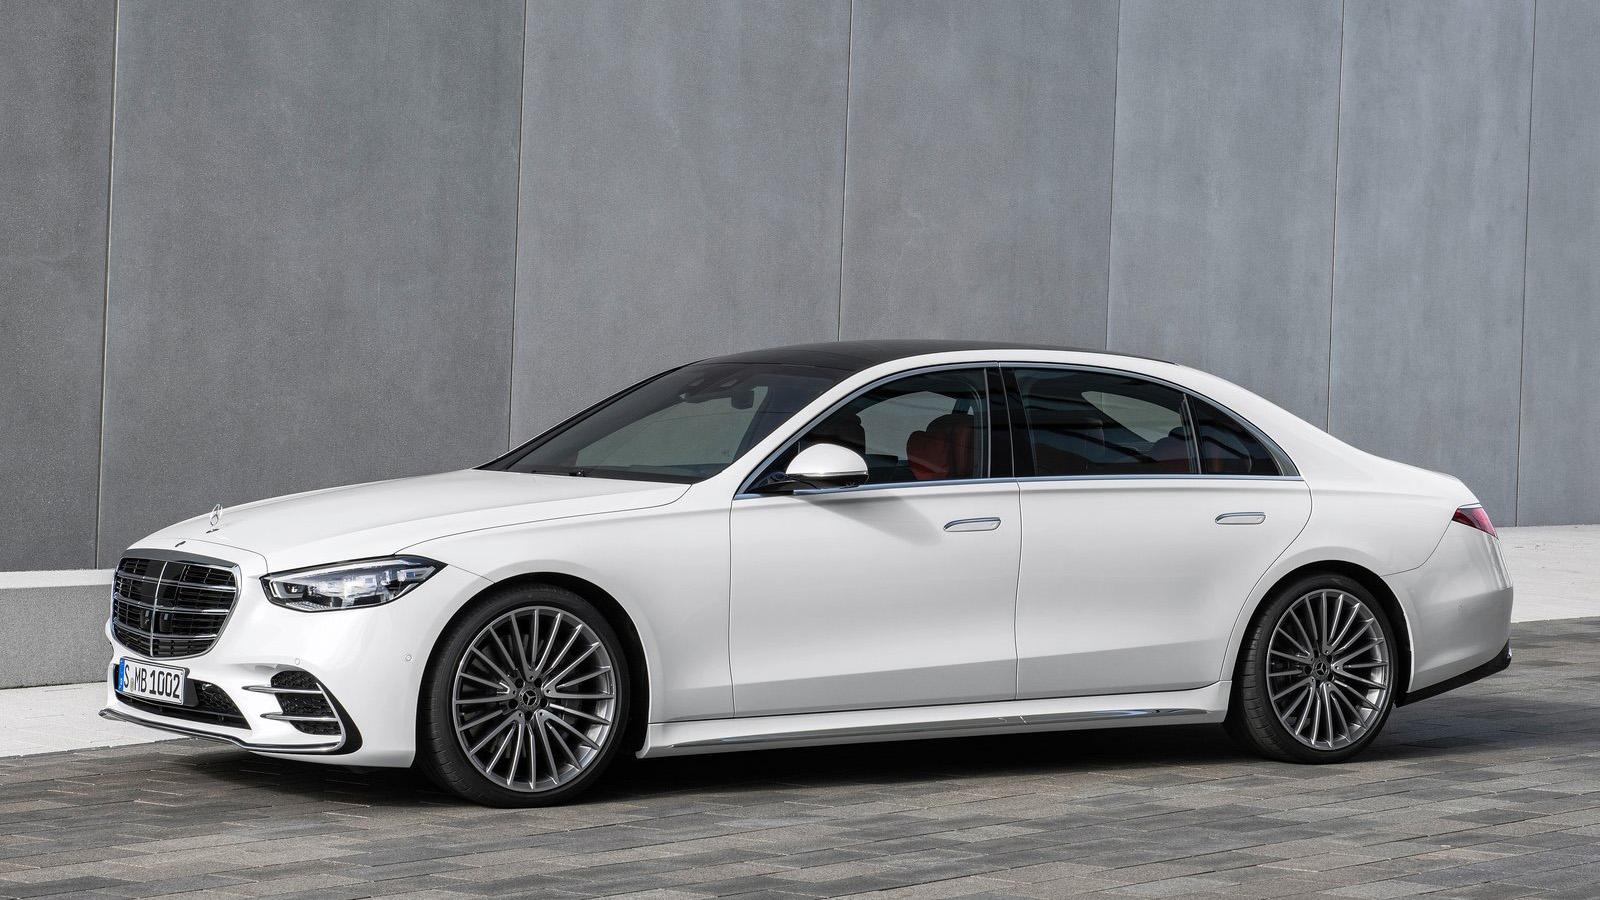 【影】全新 Mercedes-Benz S-Class 正式亮相,台灣賓士長官帶你仔細端詳